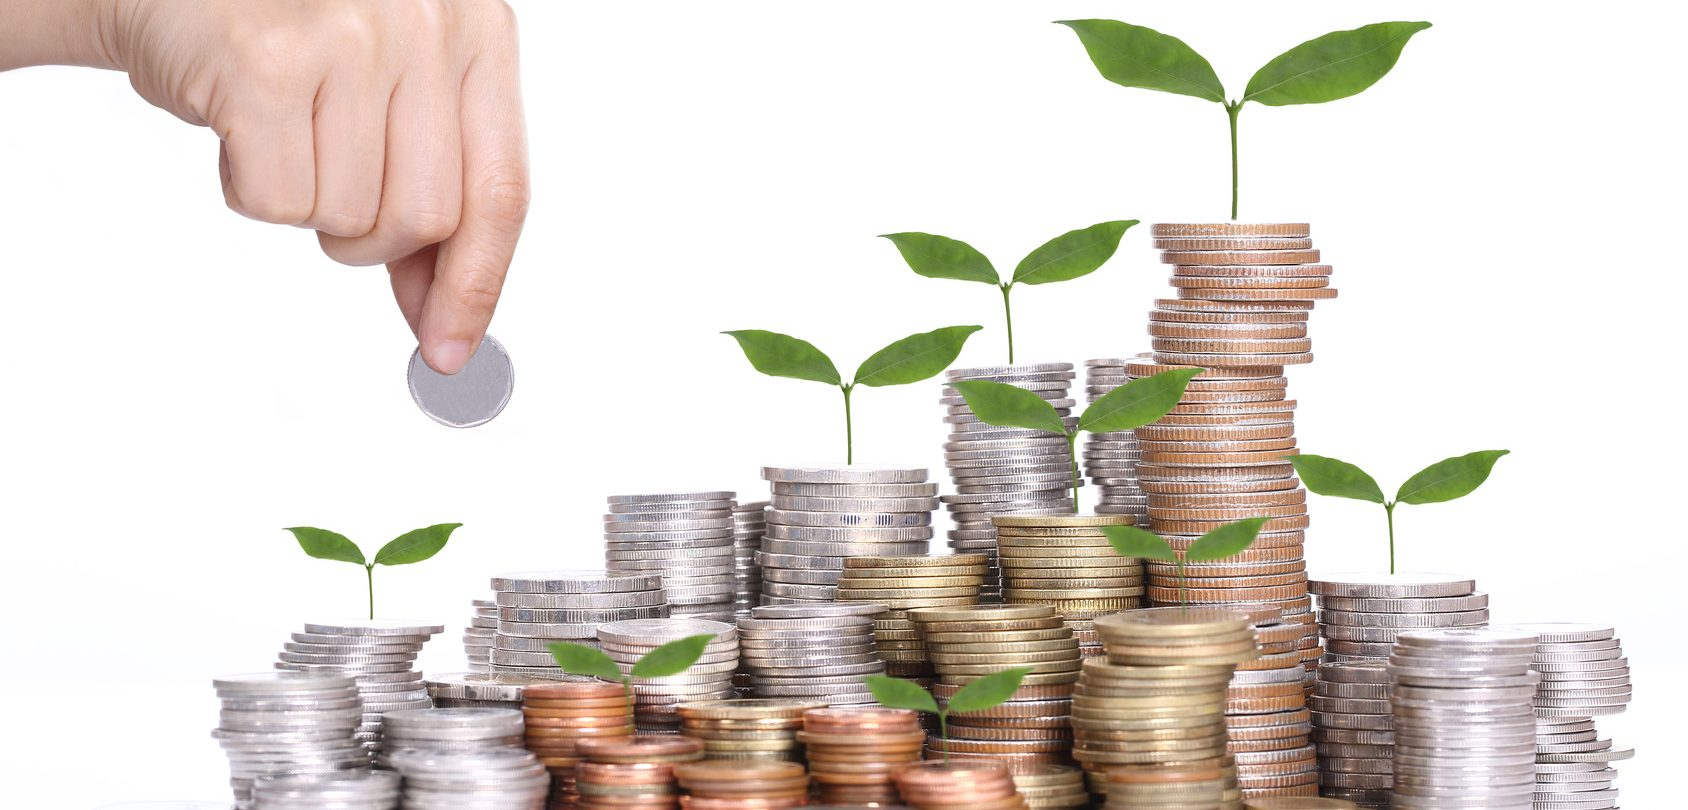 Finans, kredittkort og økonomi